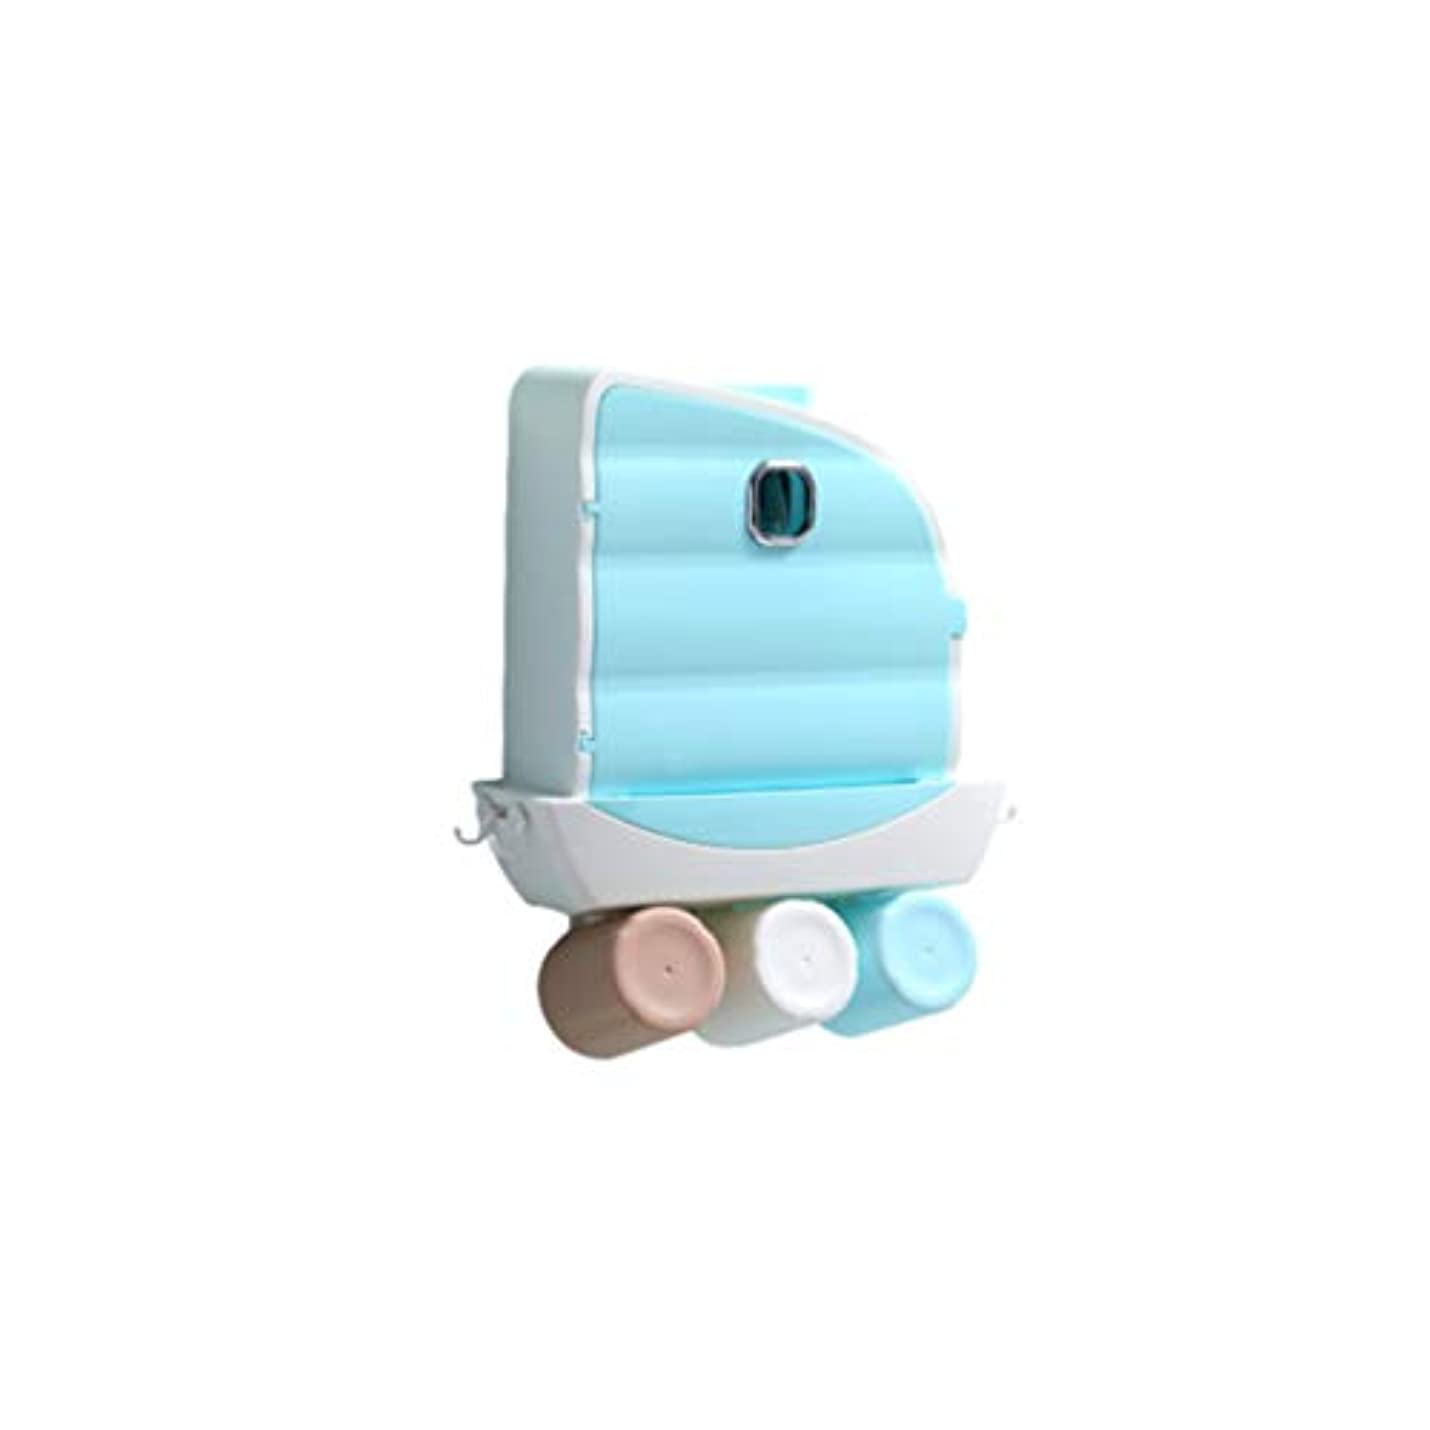 プラグ矢特性Healifty 歯ブラシホルダー壁掛け歯磨き粉スクイーザーキット(3カップ付き)